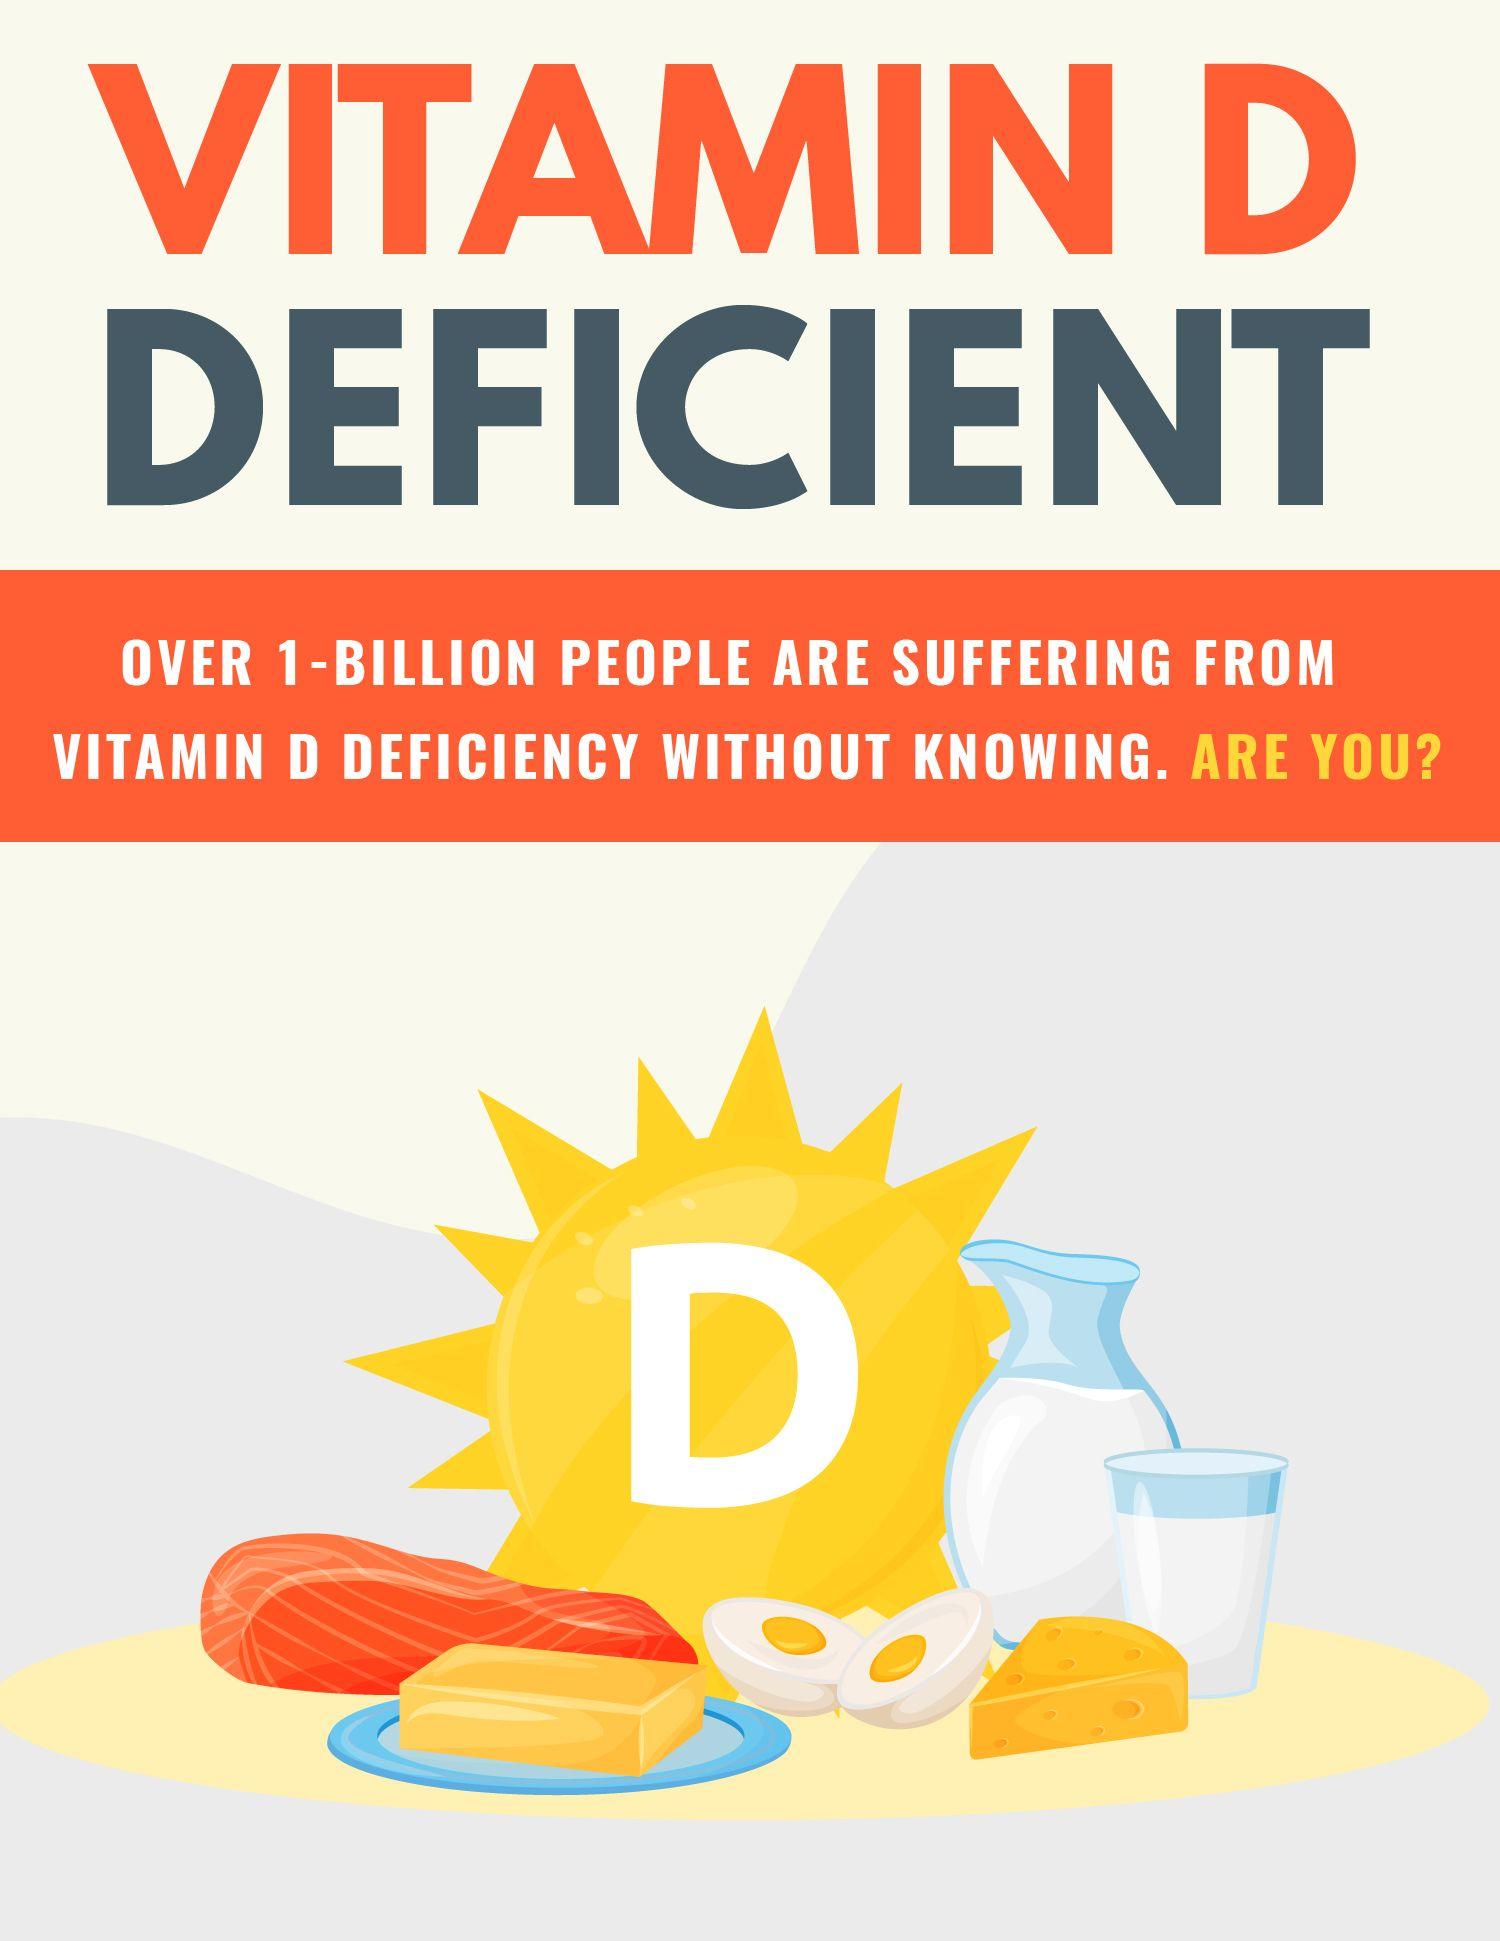 Vitamin D Deficient eBook's Book Image